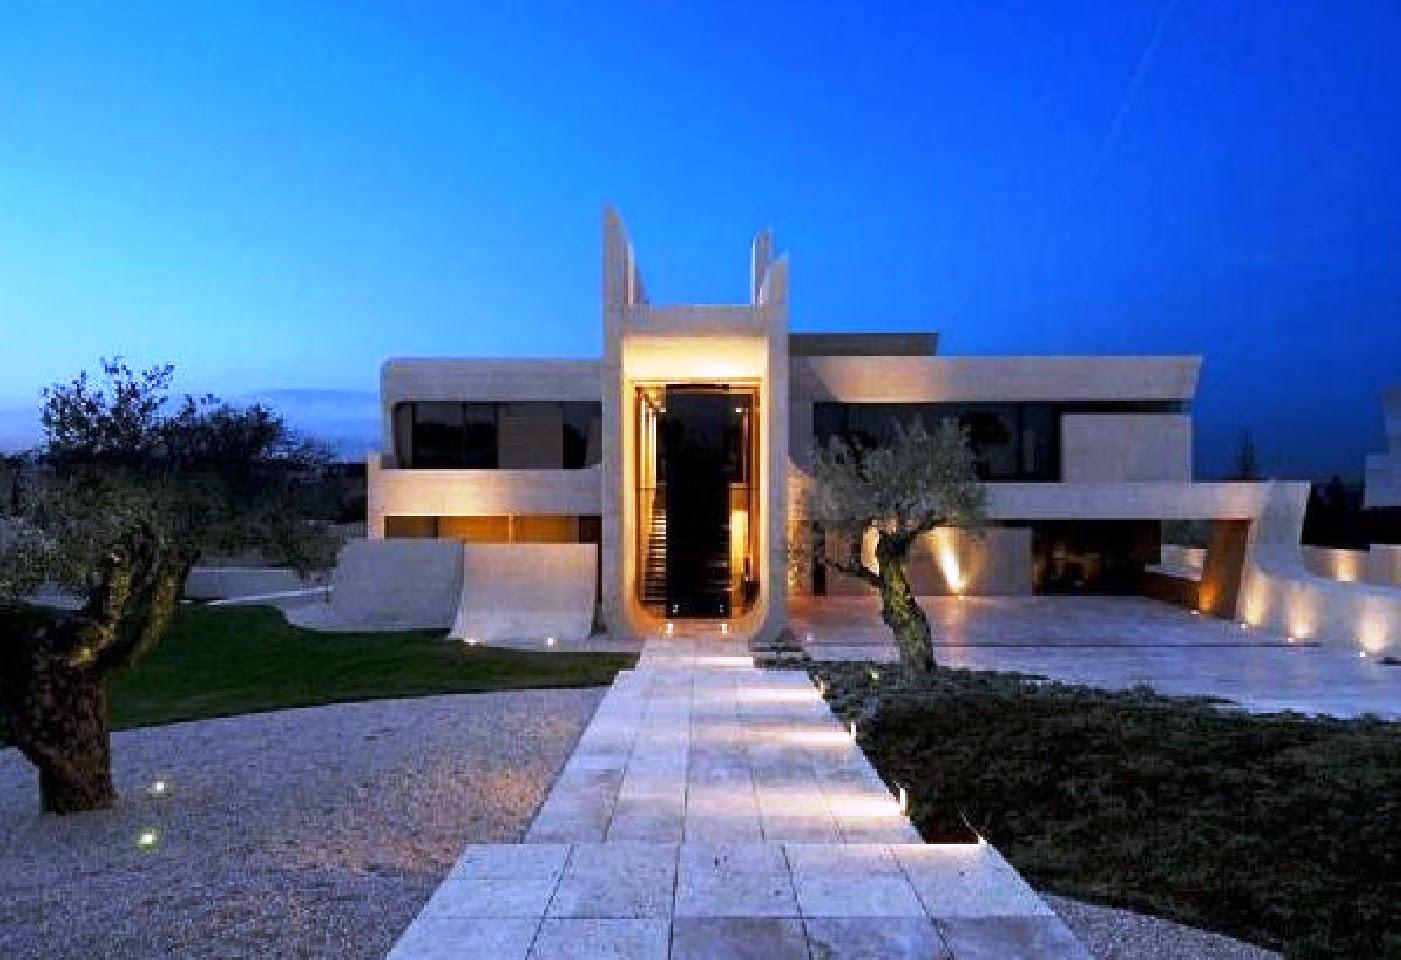 Rumah Minimalis Modern Terbaru  15 Desain Rumah  Minimalis